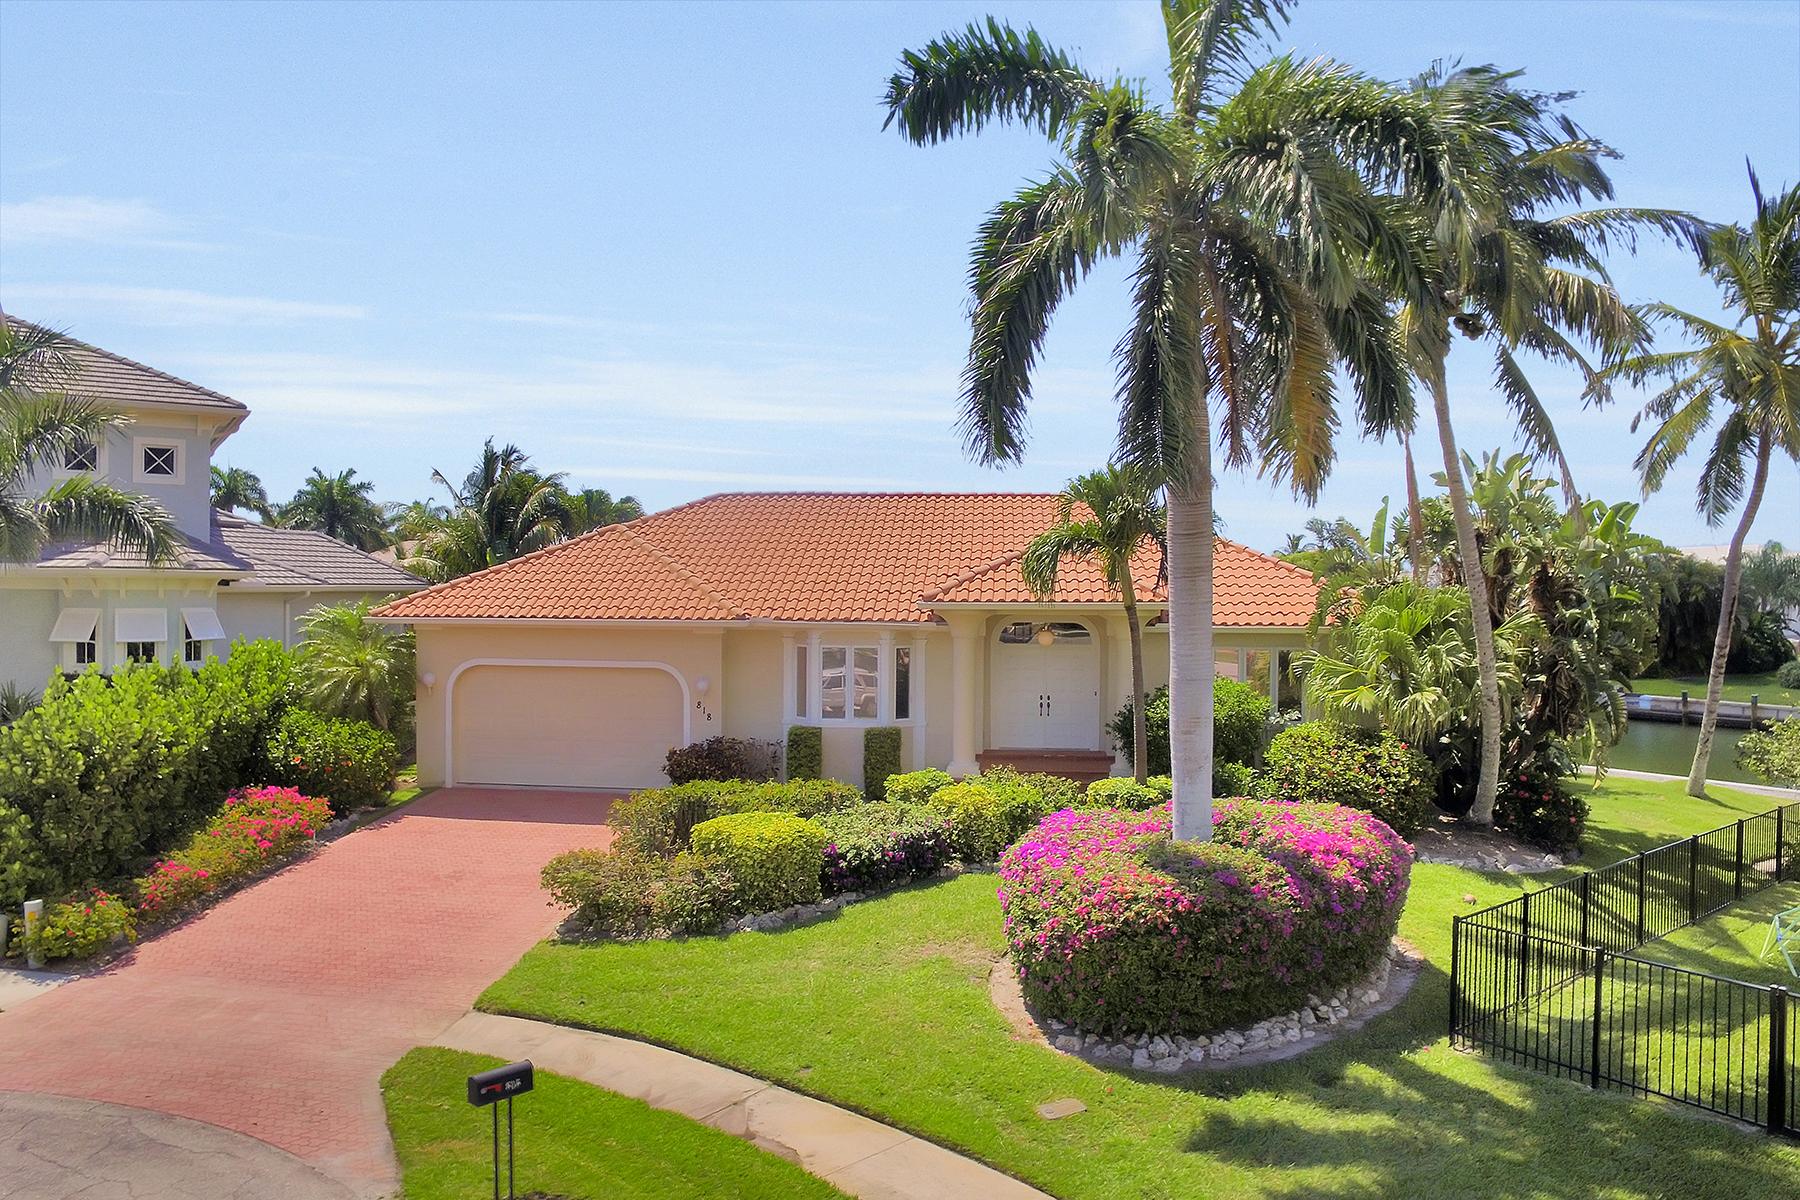 단독 가정 주택 용 매매 에 MARCO ISLAND - MAGNOLIA COURT 818 Magnolia Ct Marco Island, 플로리다, 34145 미국